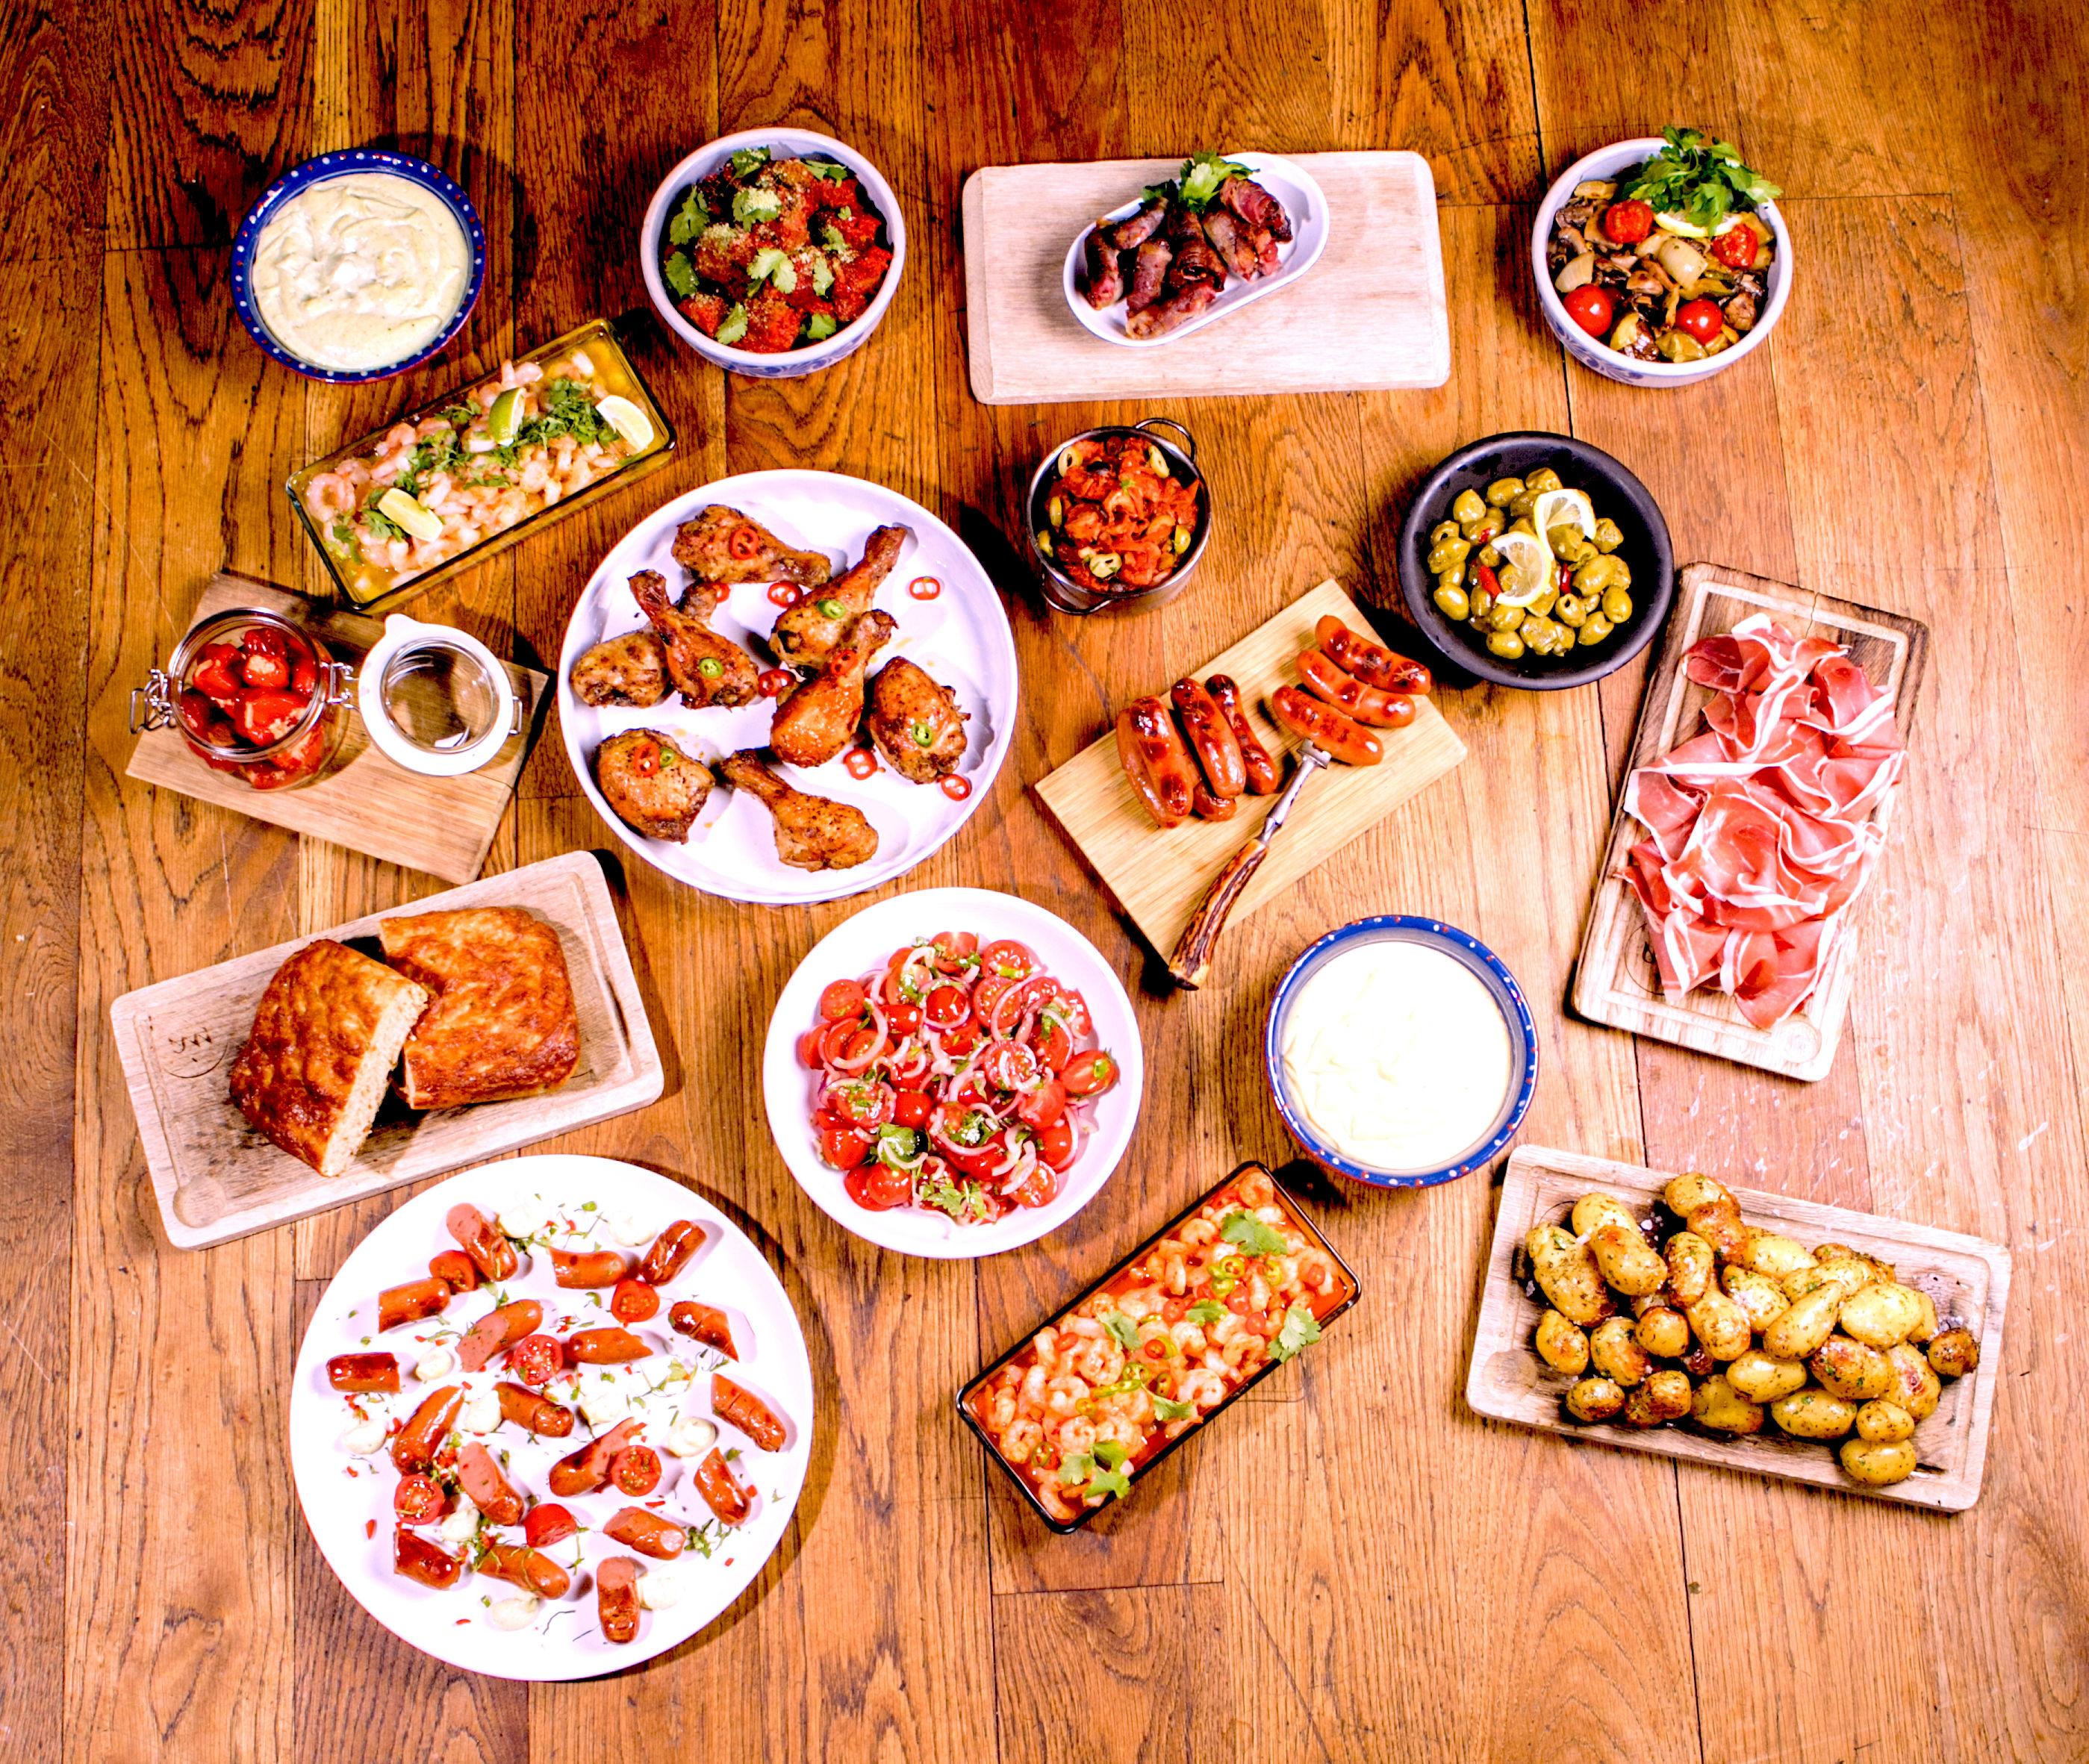 Er du klar for å bytte ut tacoen med tapas? Eller kanskje du vil innføre tapas-torsdag i stedet, det tar jo bare 15 minutter å gjøre klar middagen!